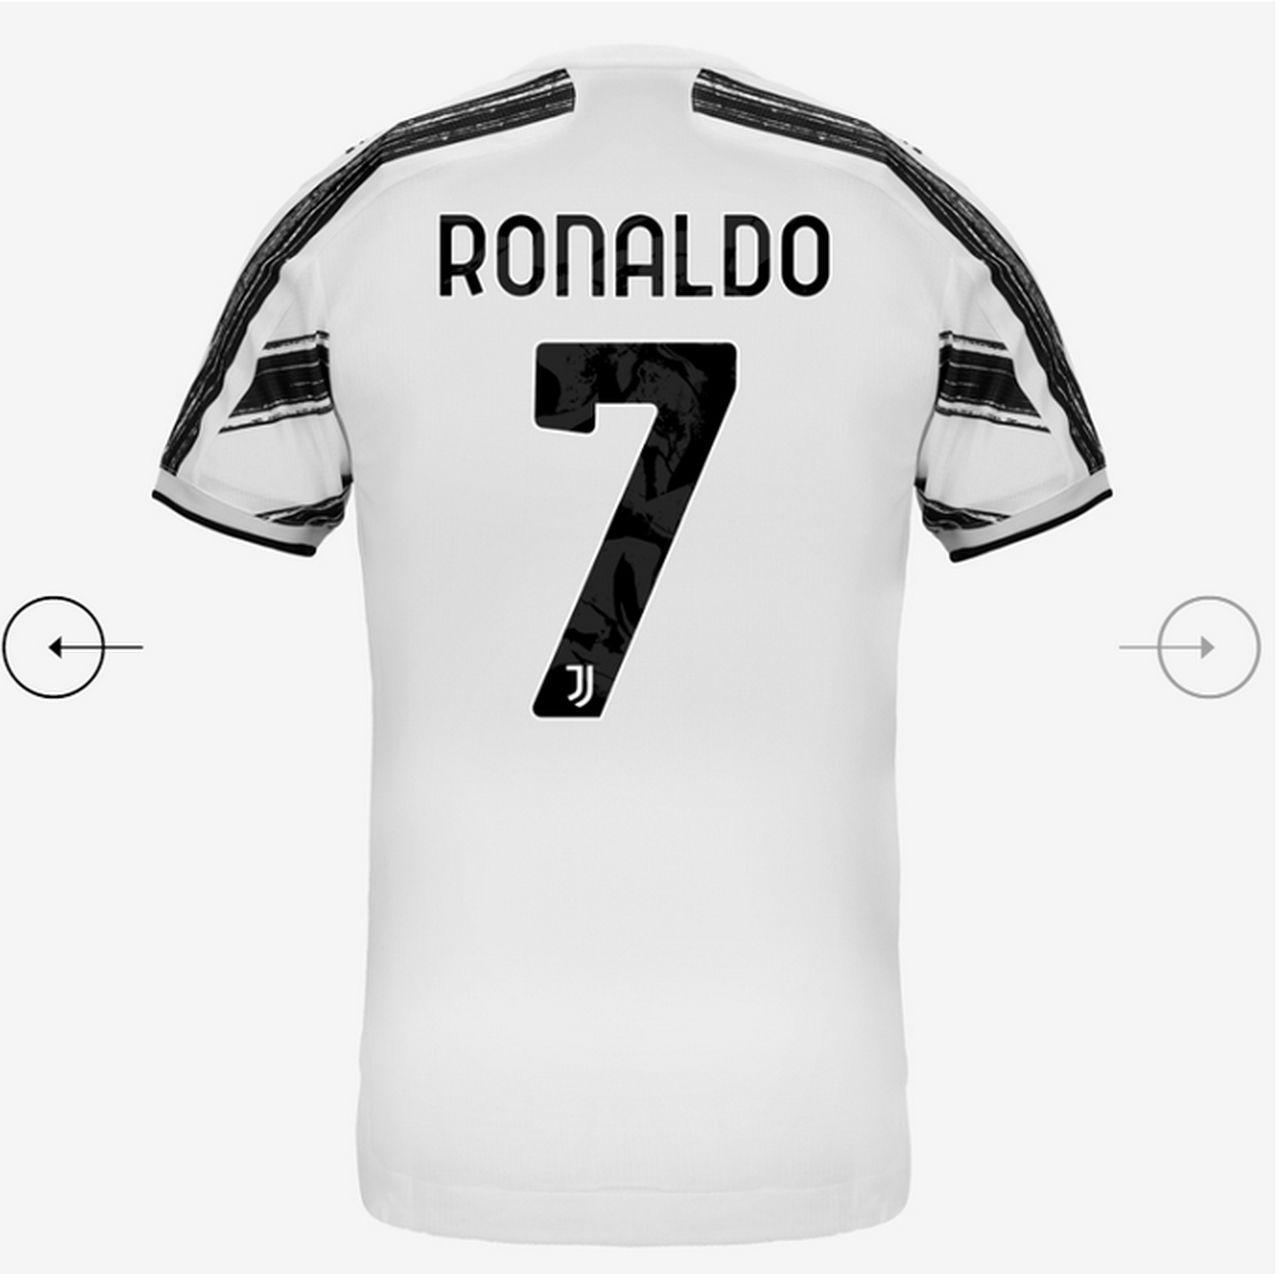 Presentata la nuova maglia Juventus 2020-2021: subito in vendita